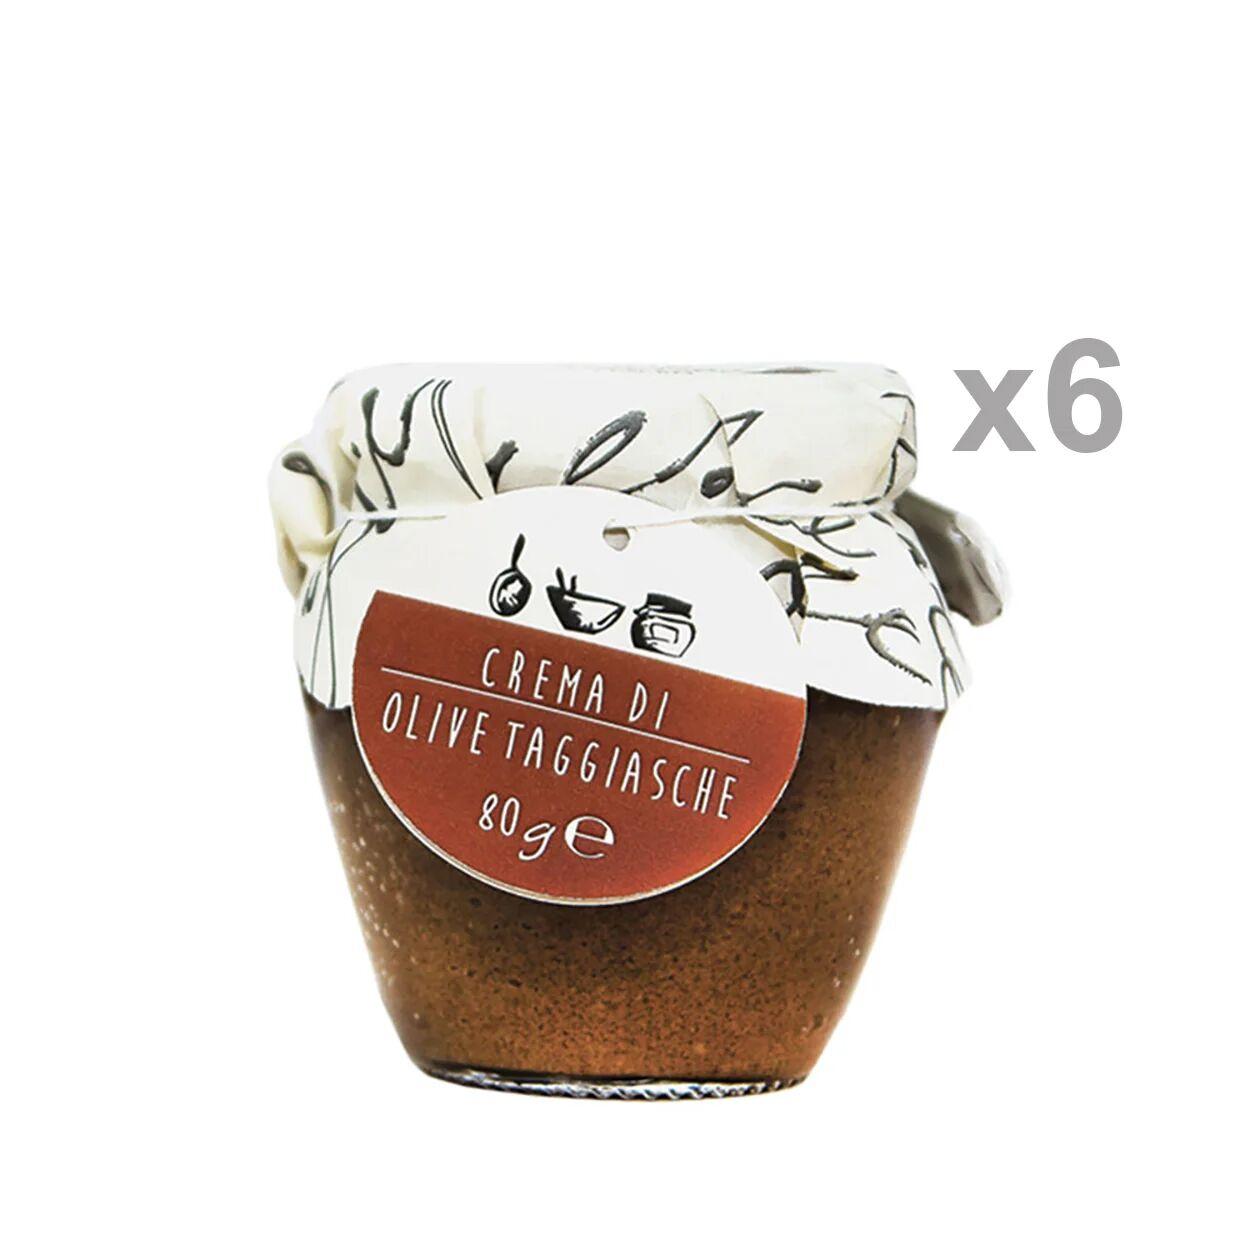 La Bella Angiolina 6 orci - Crema di olive taggiasche 80 gr